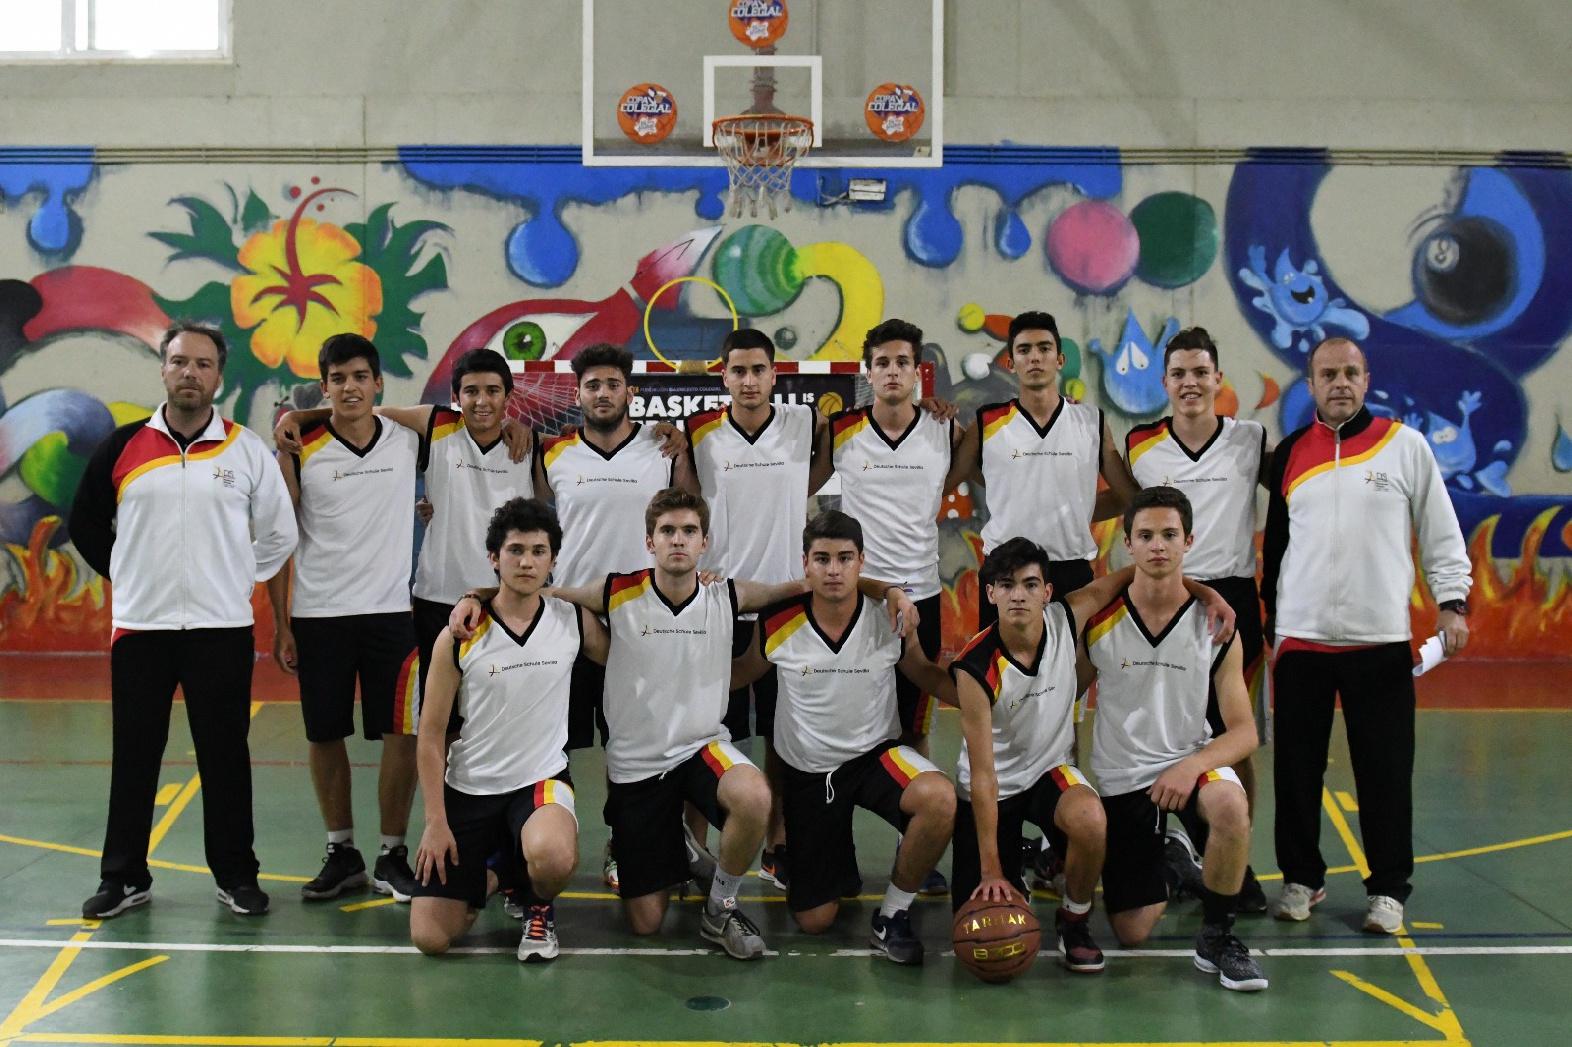 El deutsche schule colegio alemán sevilla debuta en la copa colegial de baloncesto 2018